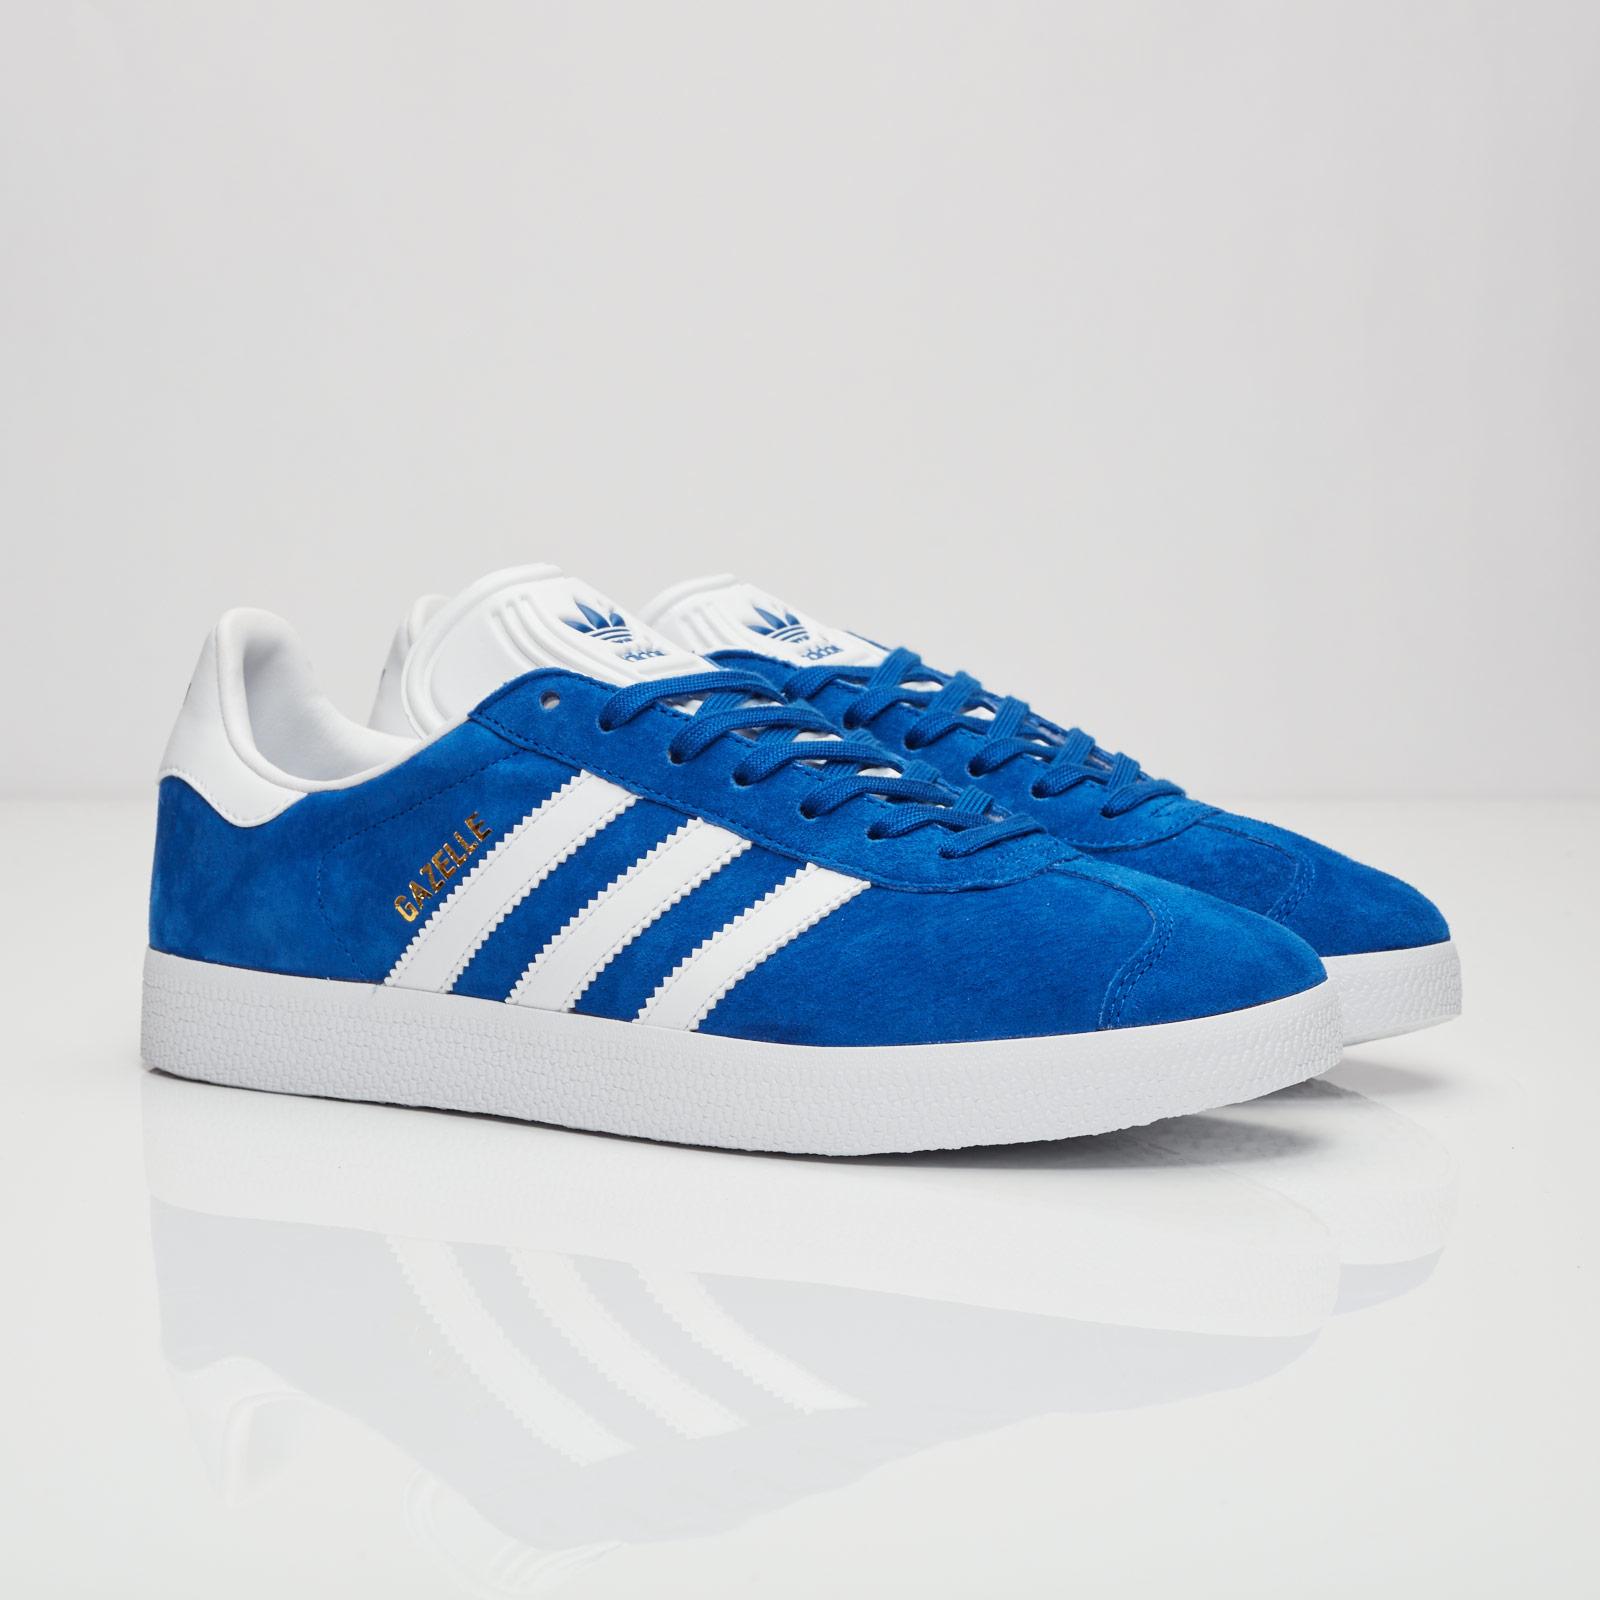 adidas Gazelle Sneakers In S76227 DQuqjb